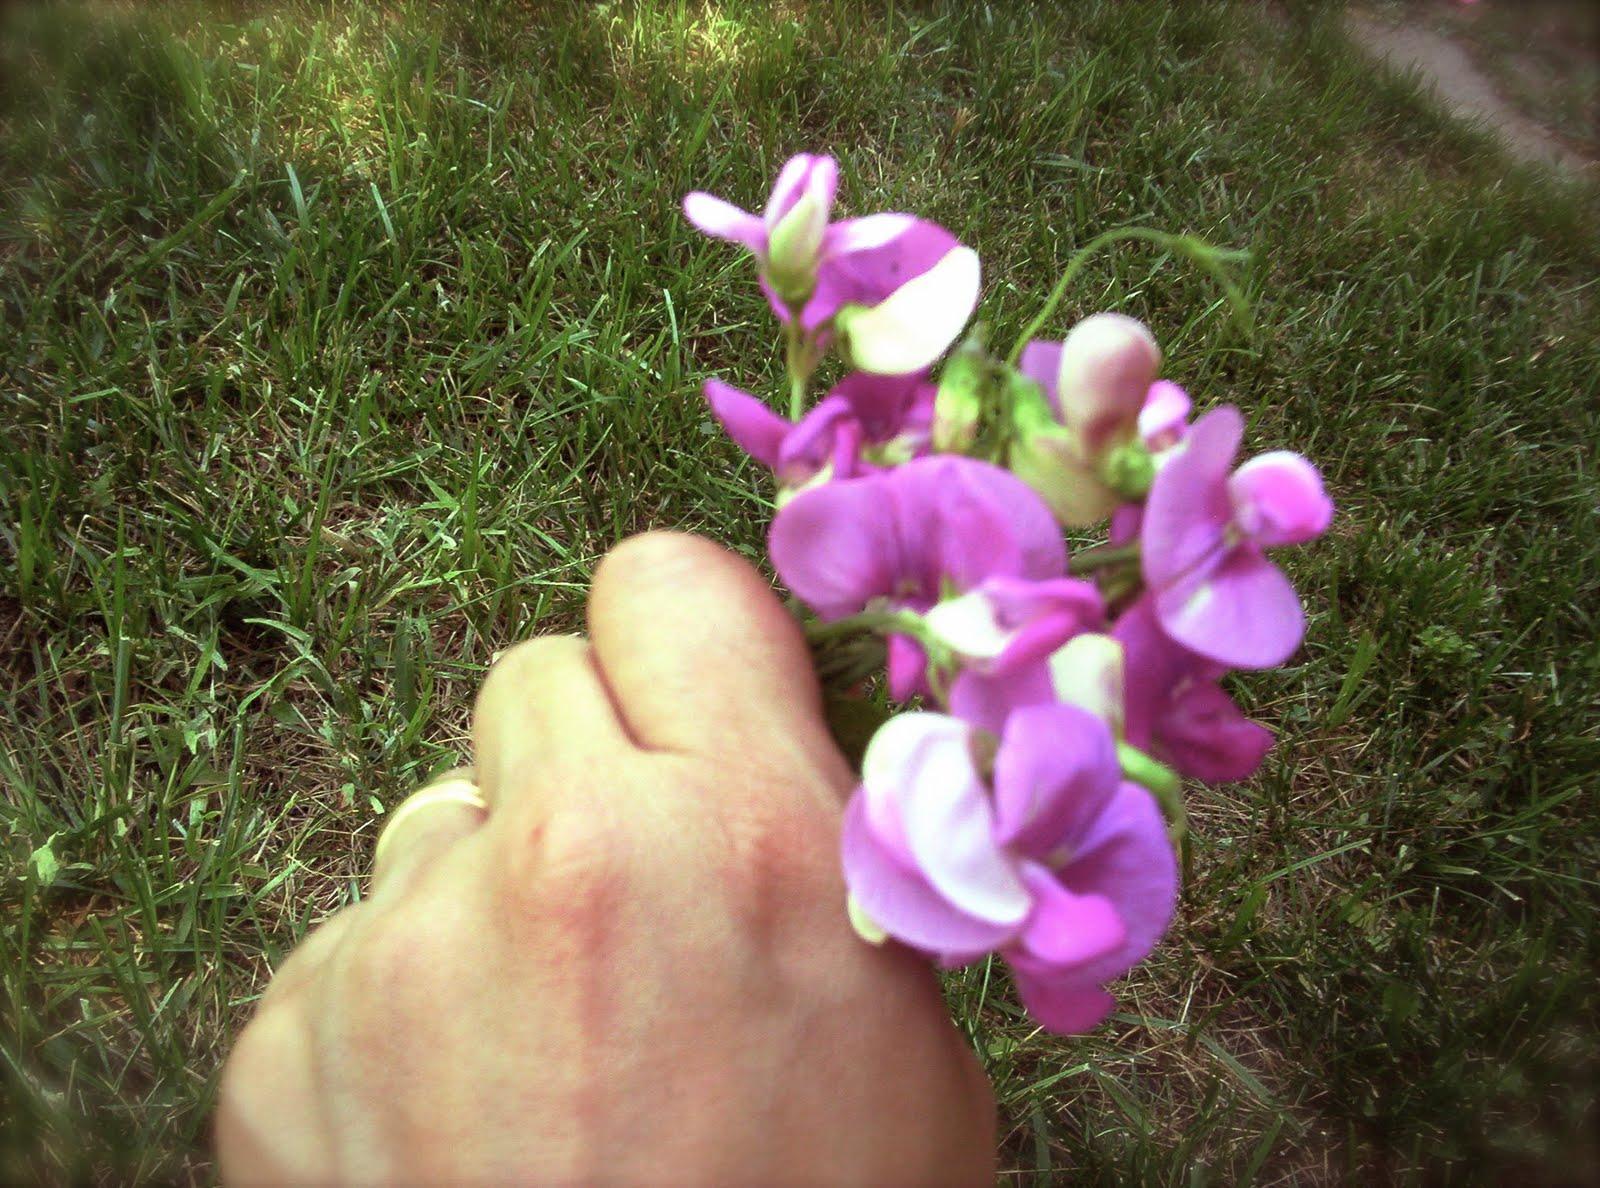 http://3.bp.blogspot.com/-NcMFyk1OMII/THNRz3lTKEI/AAAAAAAAArc/u6_ieRn-Dek/s1600/peabouquet.jpg